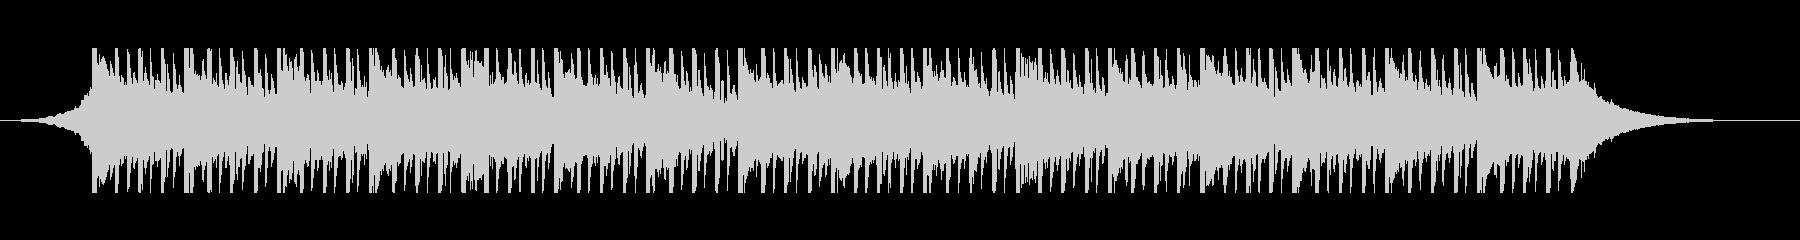 医療(45秒)の未再生の波形